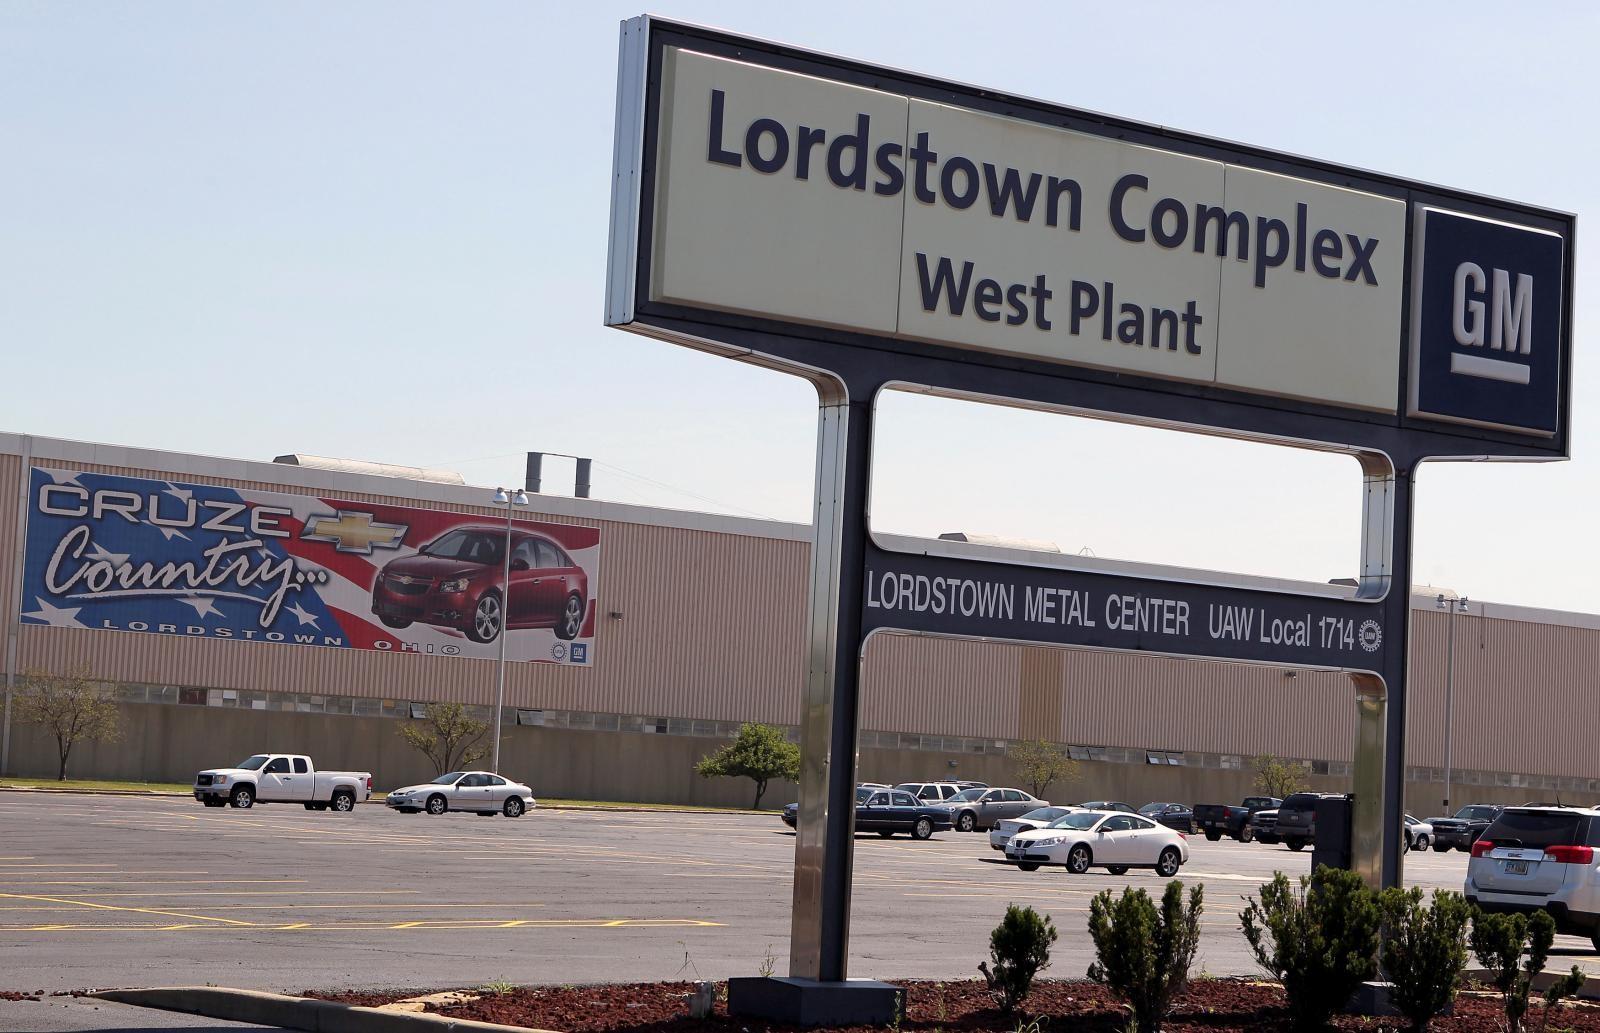 Tổ hợp nhà máy Lordstown của GM